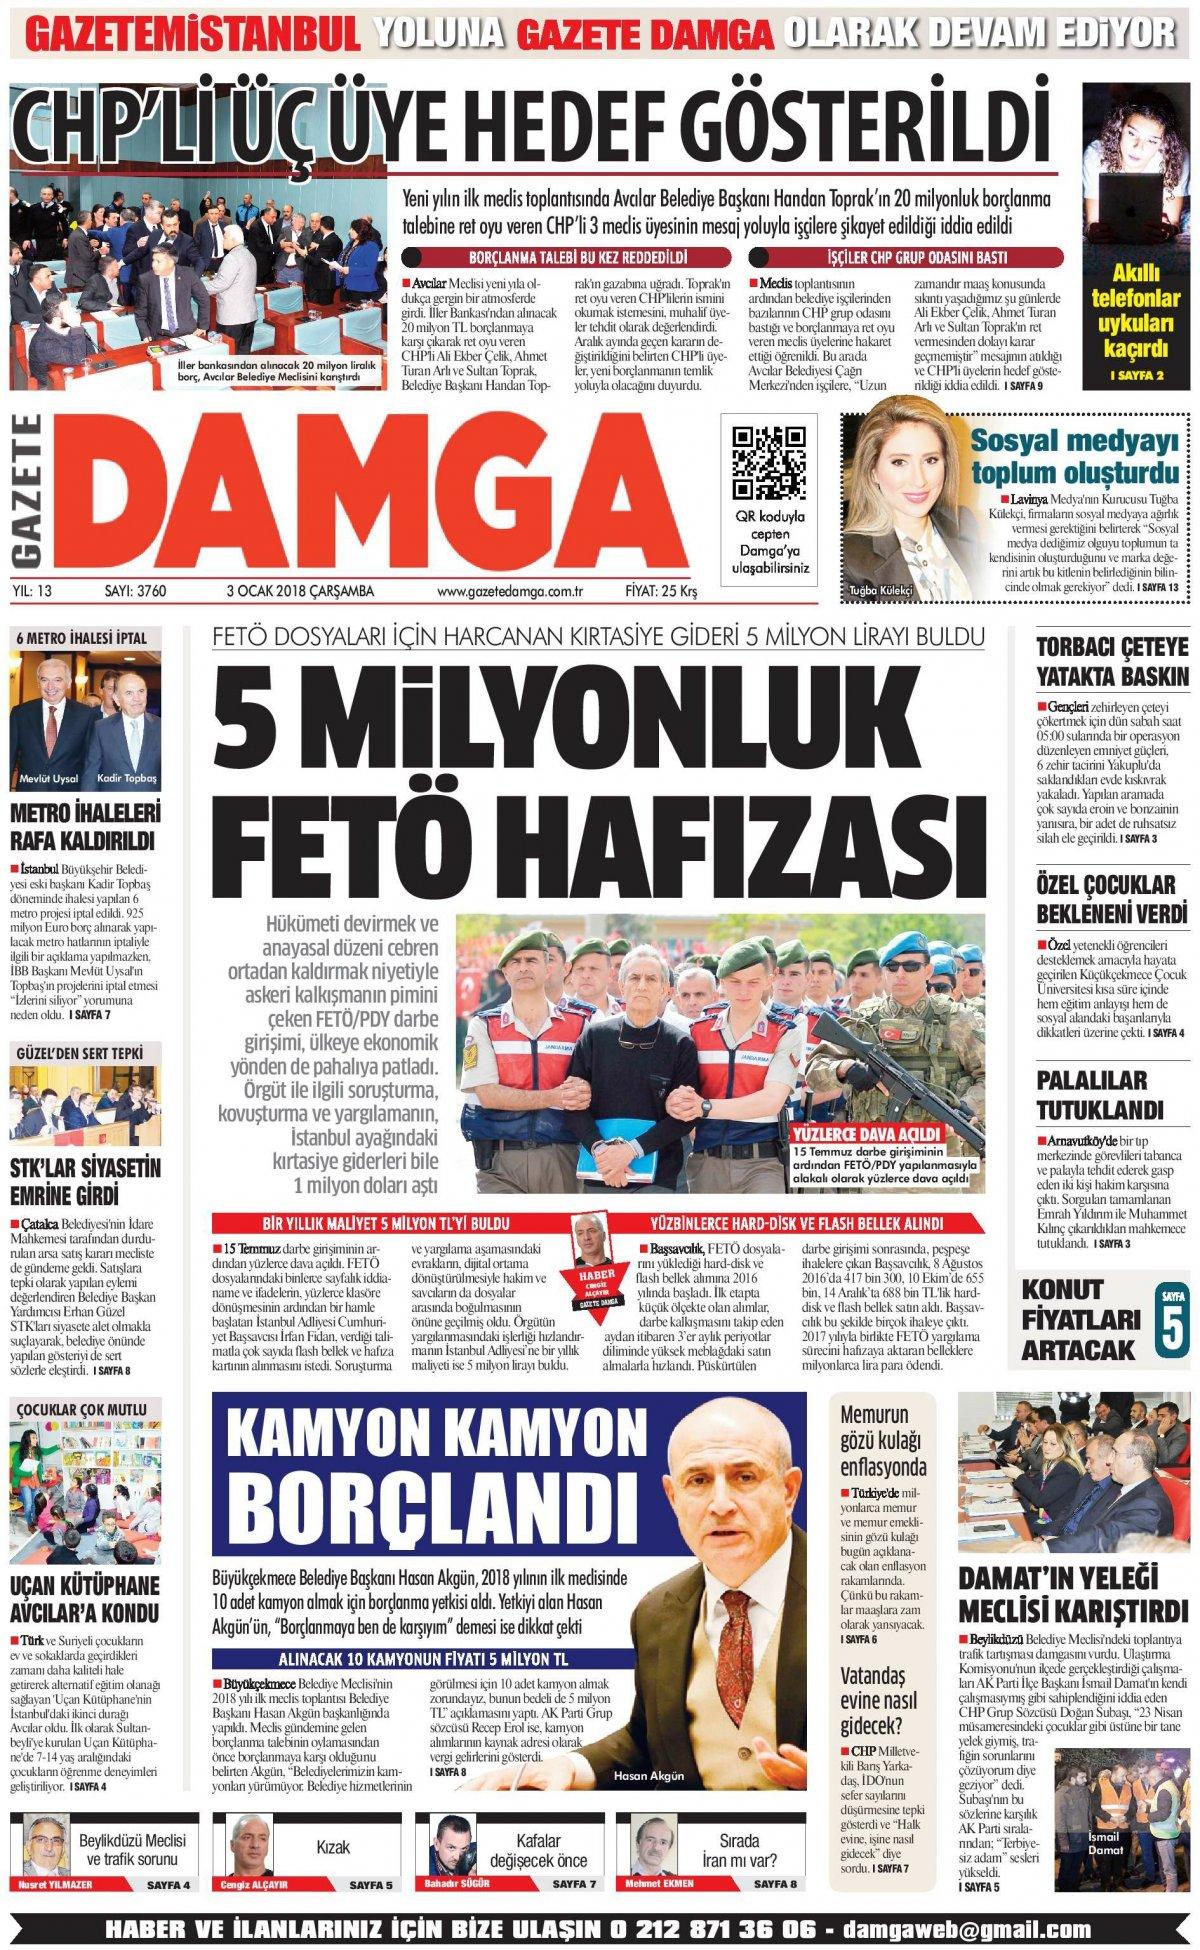 Gazete Damga - 03.01.2018 Manşeti